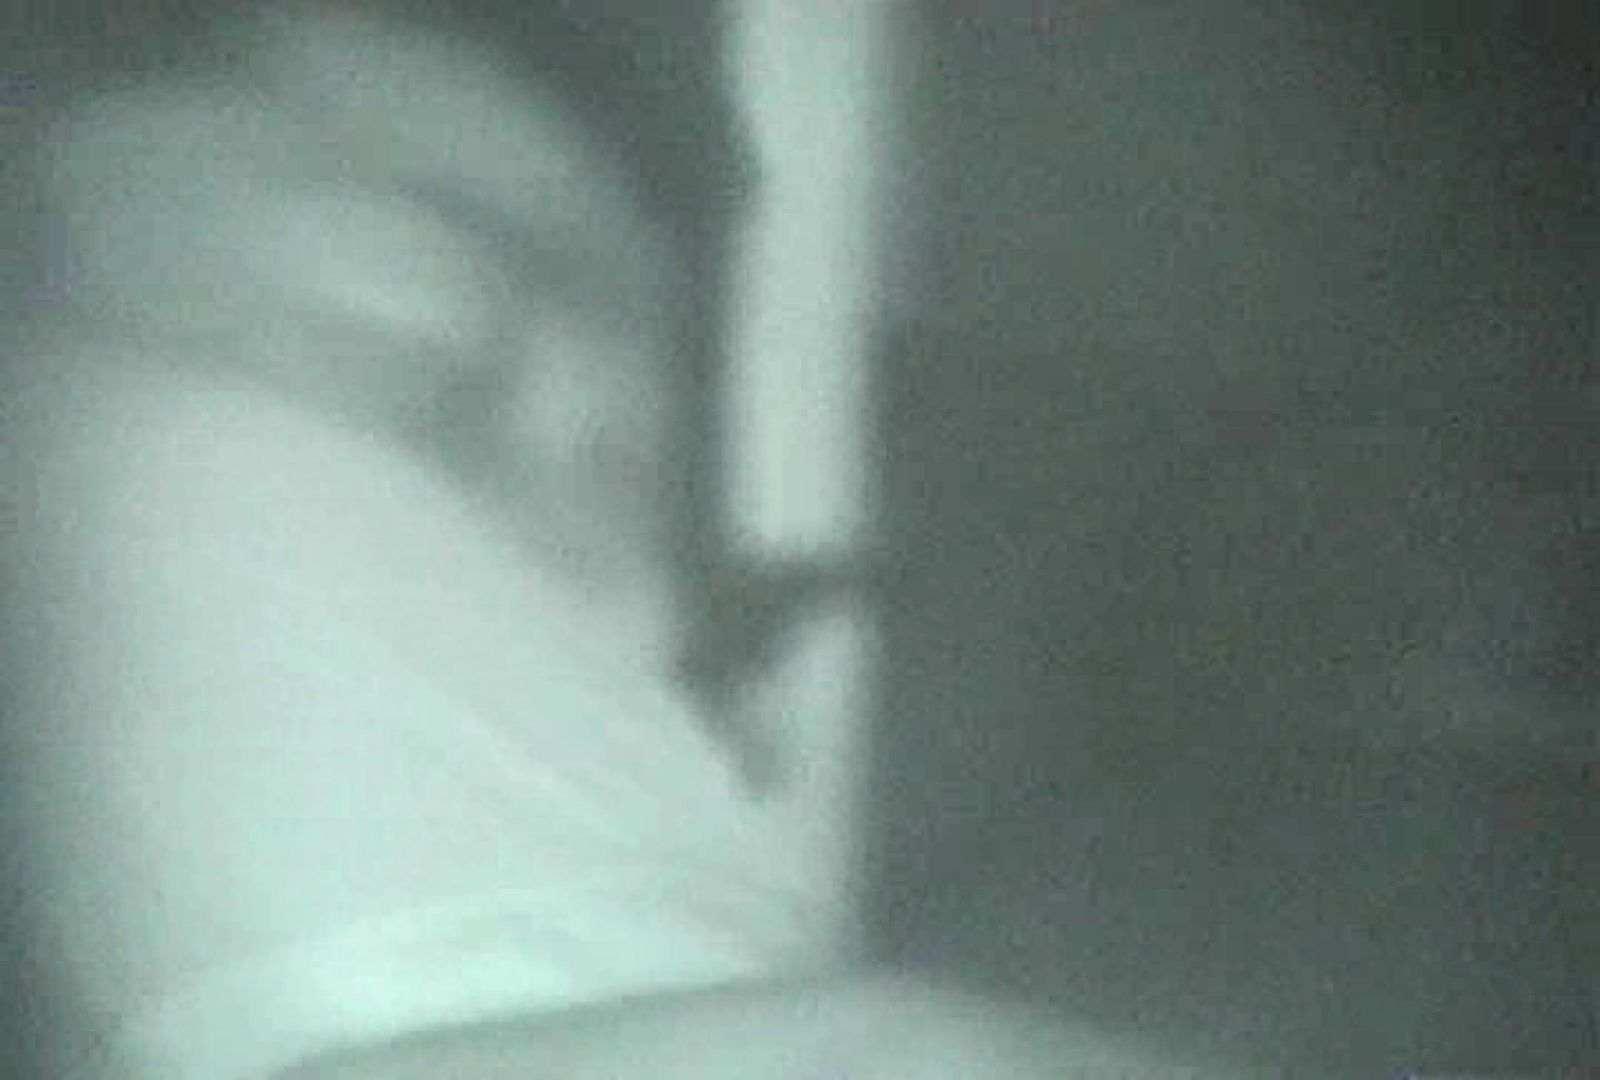 充血監督の深夜の運動会Vol.43 美女OL ワレメ動画紹介 70連発 23